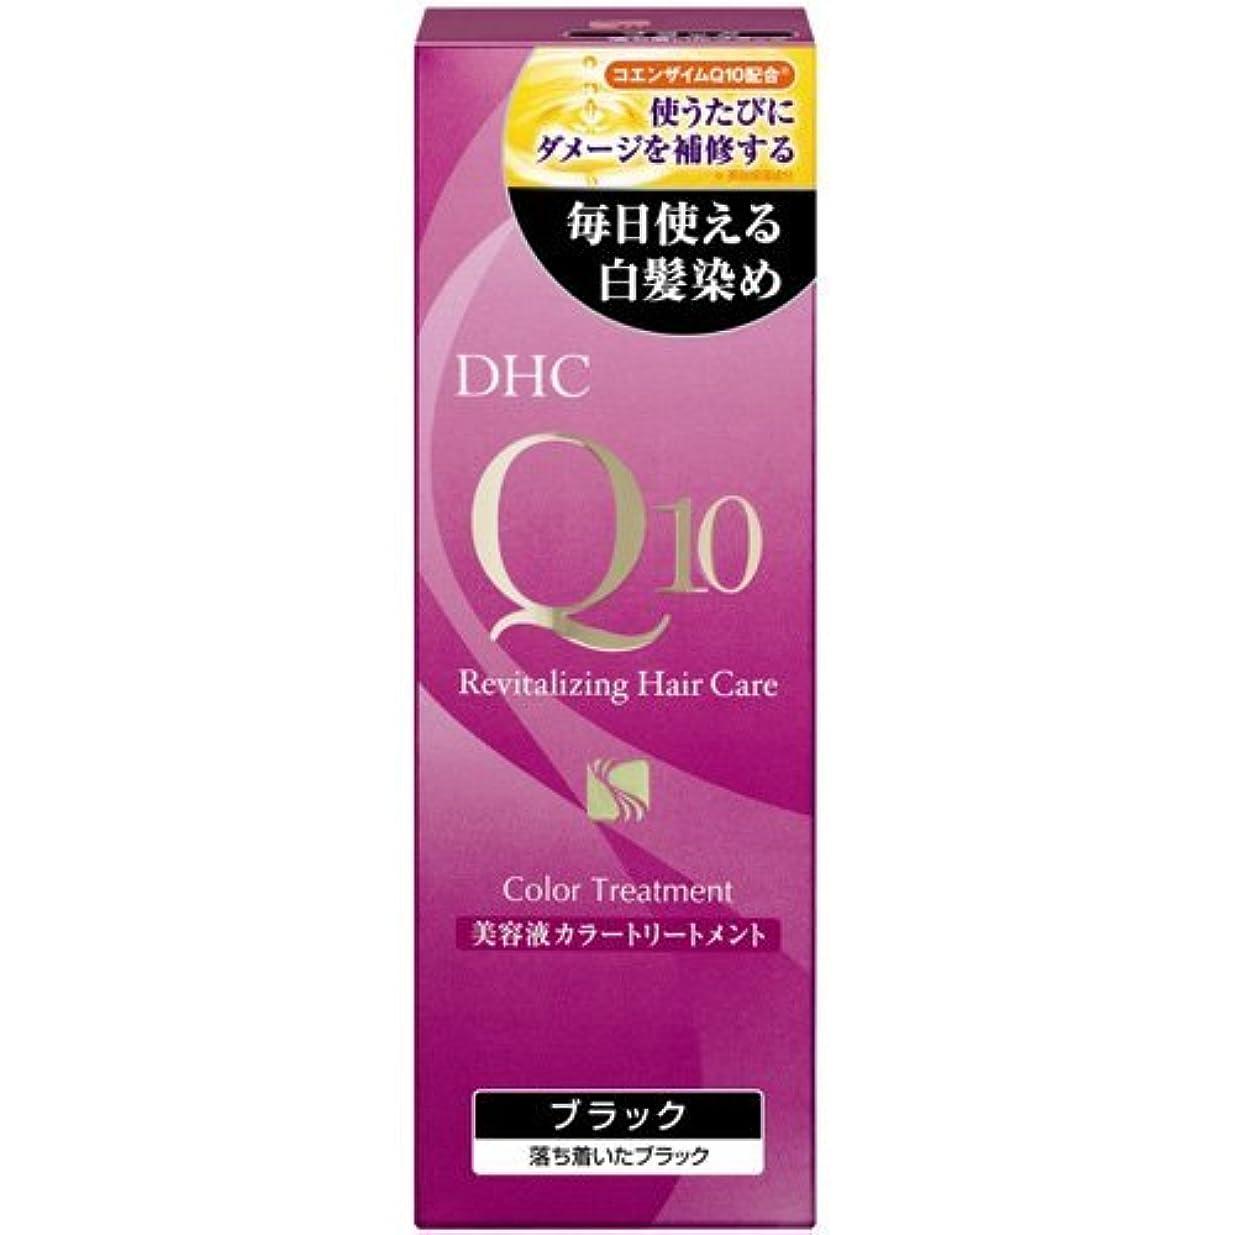 の頭の上印象的な太陽【まとめ買い】DHC Q10美溶液カラートリートメントブラックSS170g ×5個